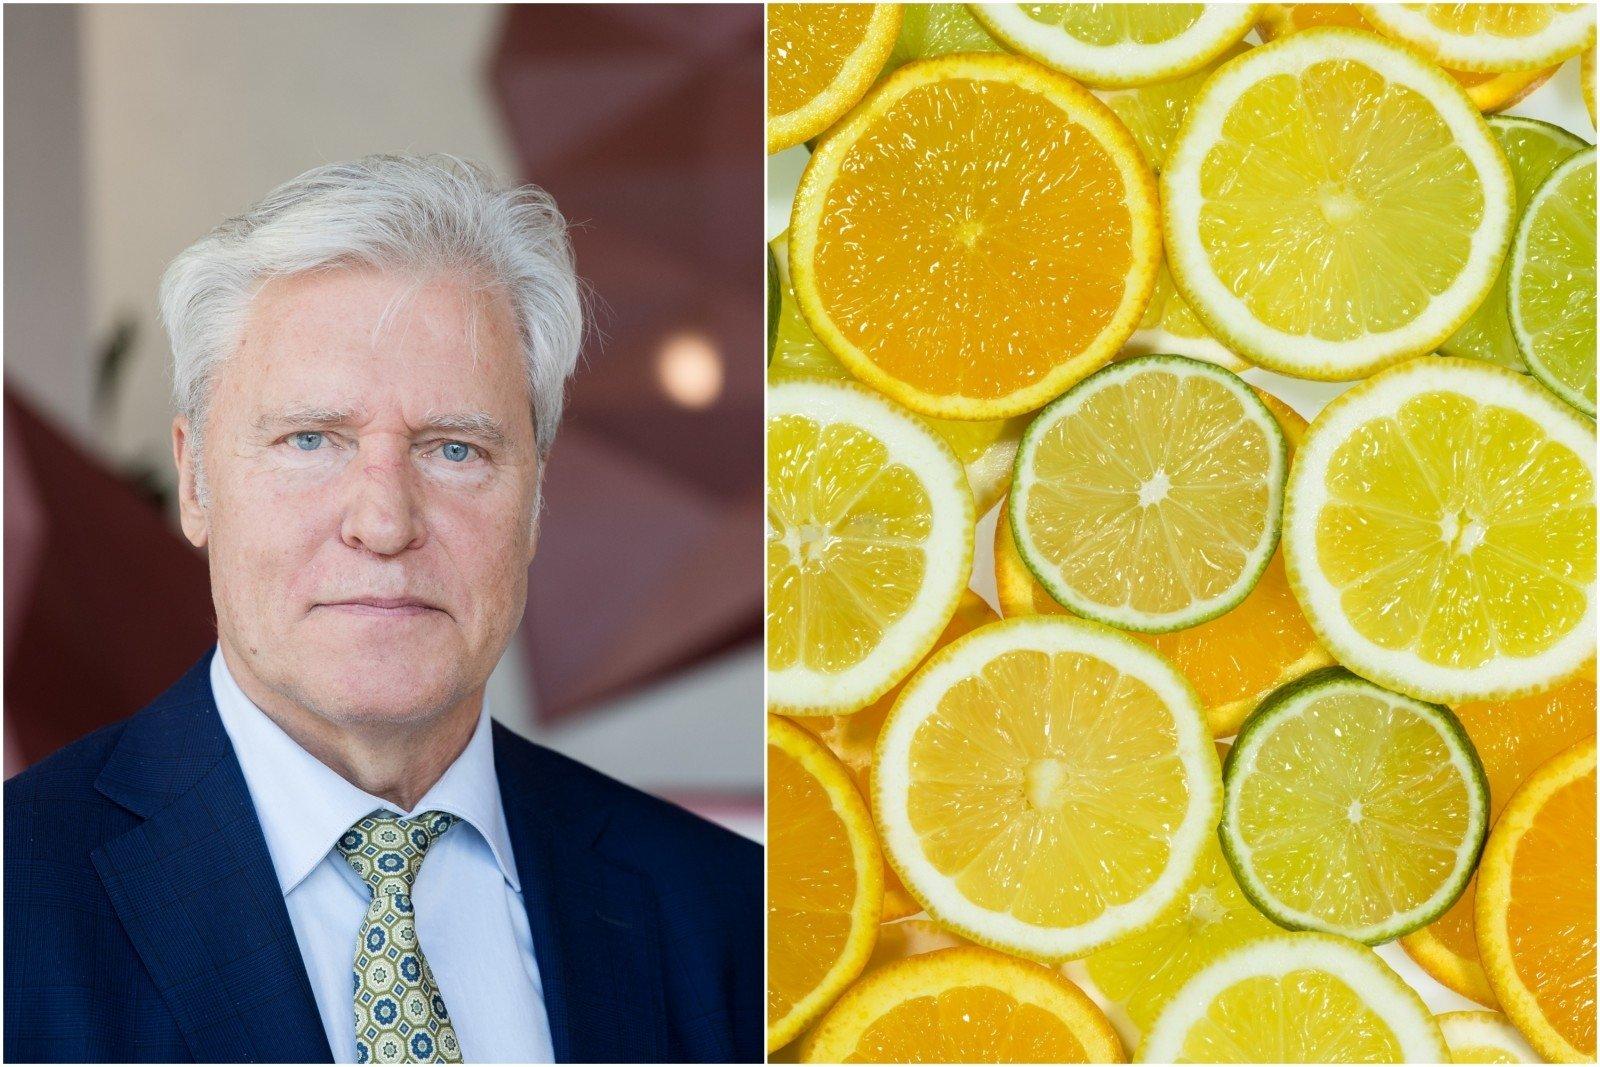 Specialistė paaiškino, kada vitaminai gali atnešti daugiau žalos nei naudos - LRT